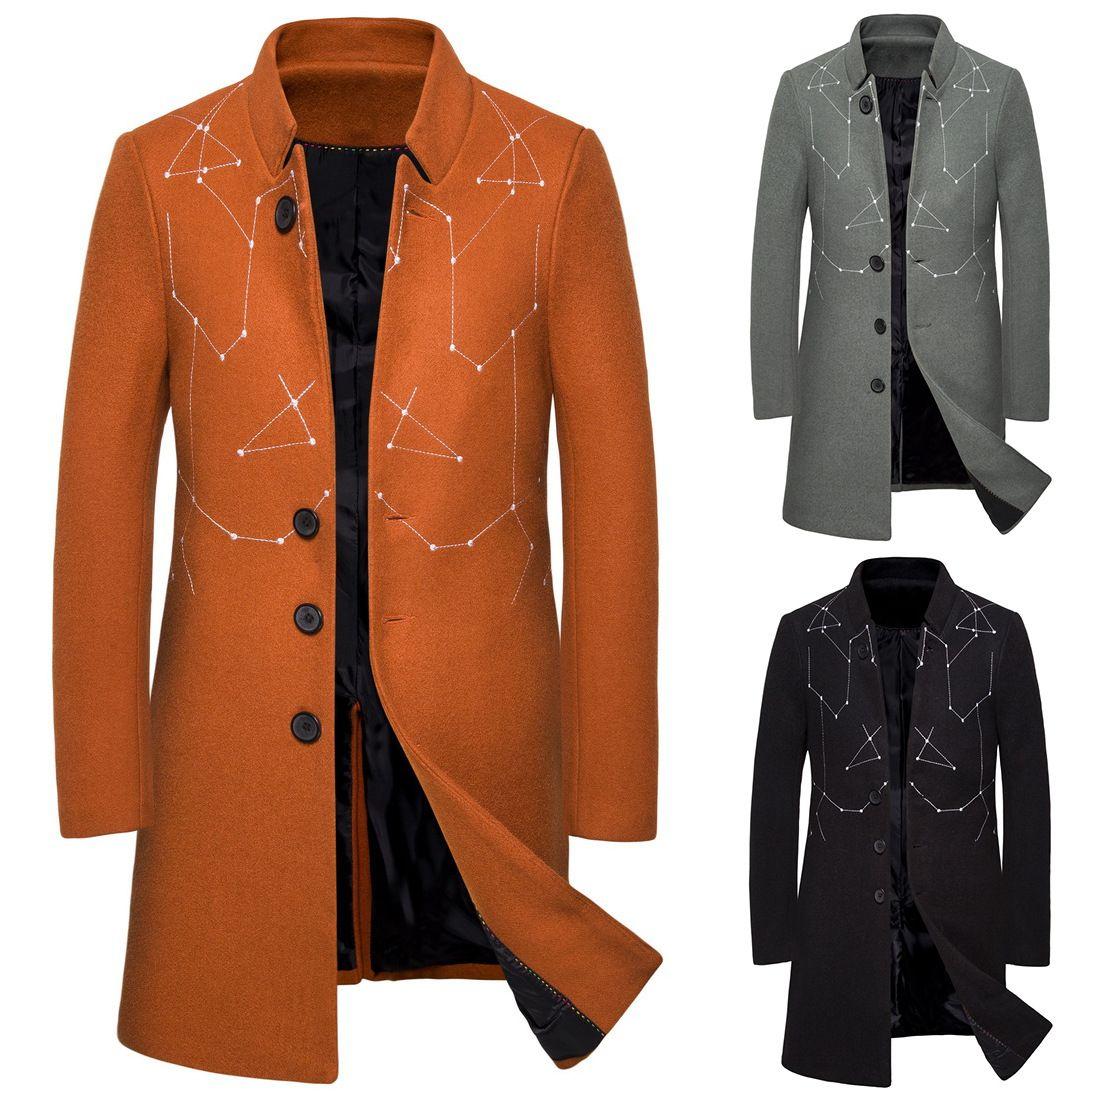 Großhandel Mens Designer Kleidung Lange Trenchcoats 2019 Wintermode Einreiher Stickerei Windjacke Mäntel Jacken Männer Mäntel